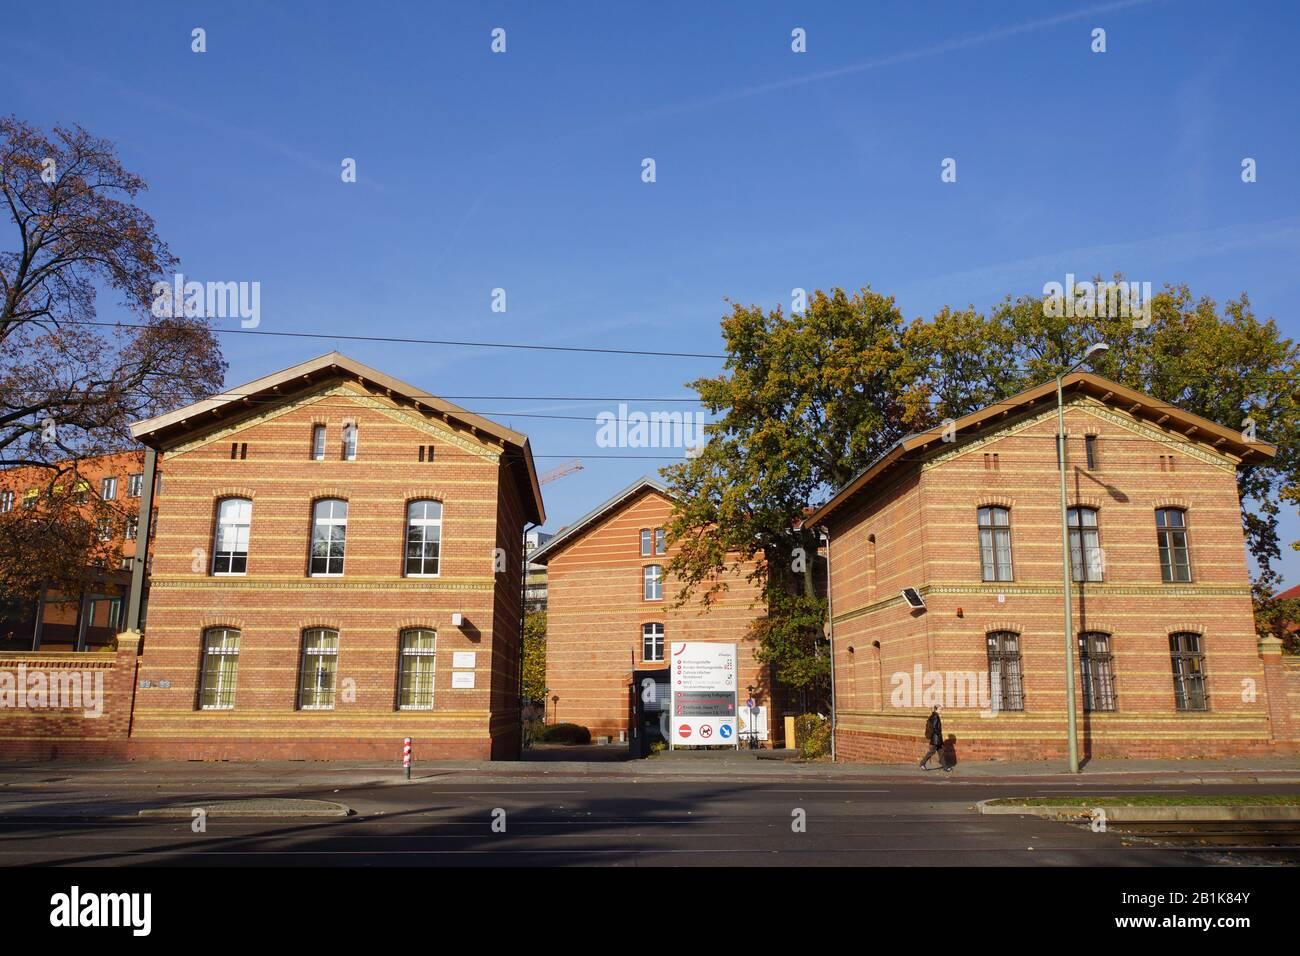 Einfahrt Zum Klinikum Friedrichshain, Berlin, Allemagne Banque D'Images